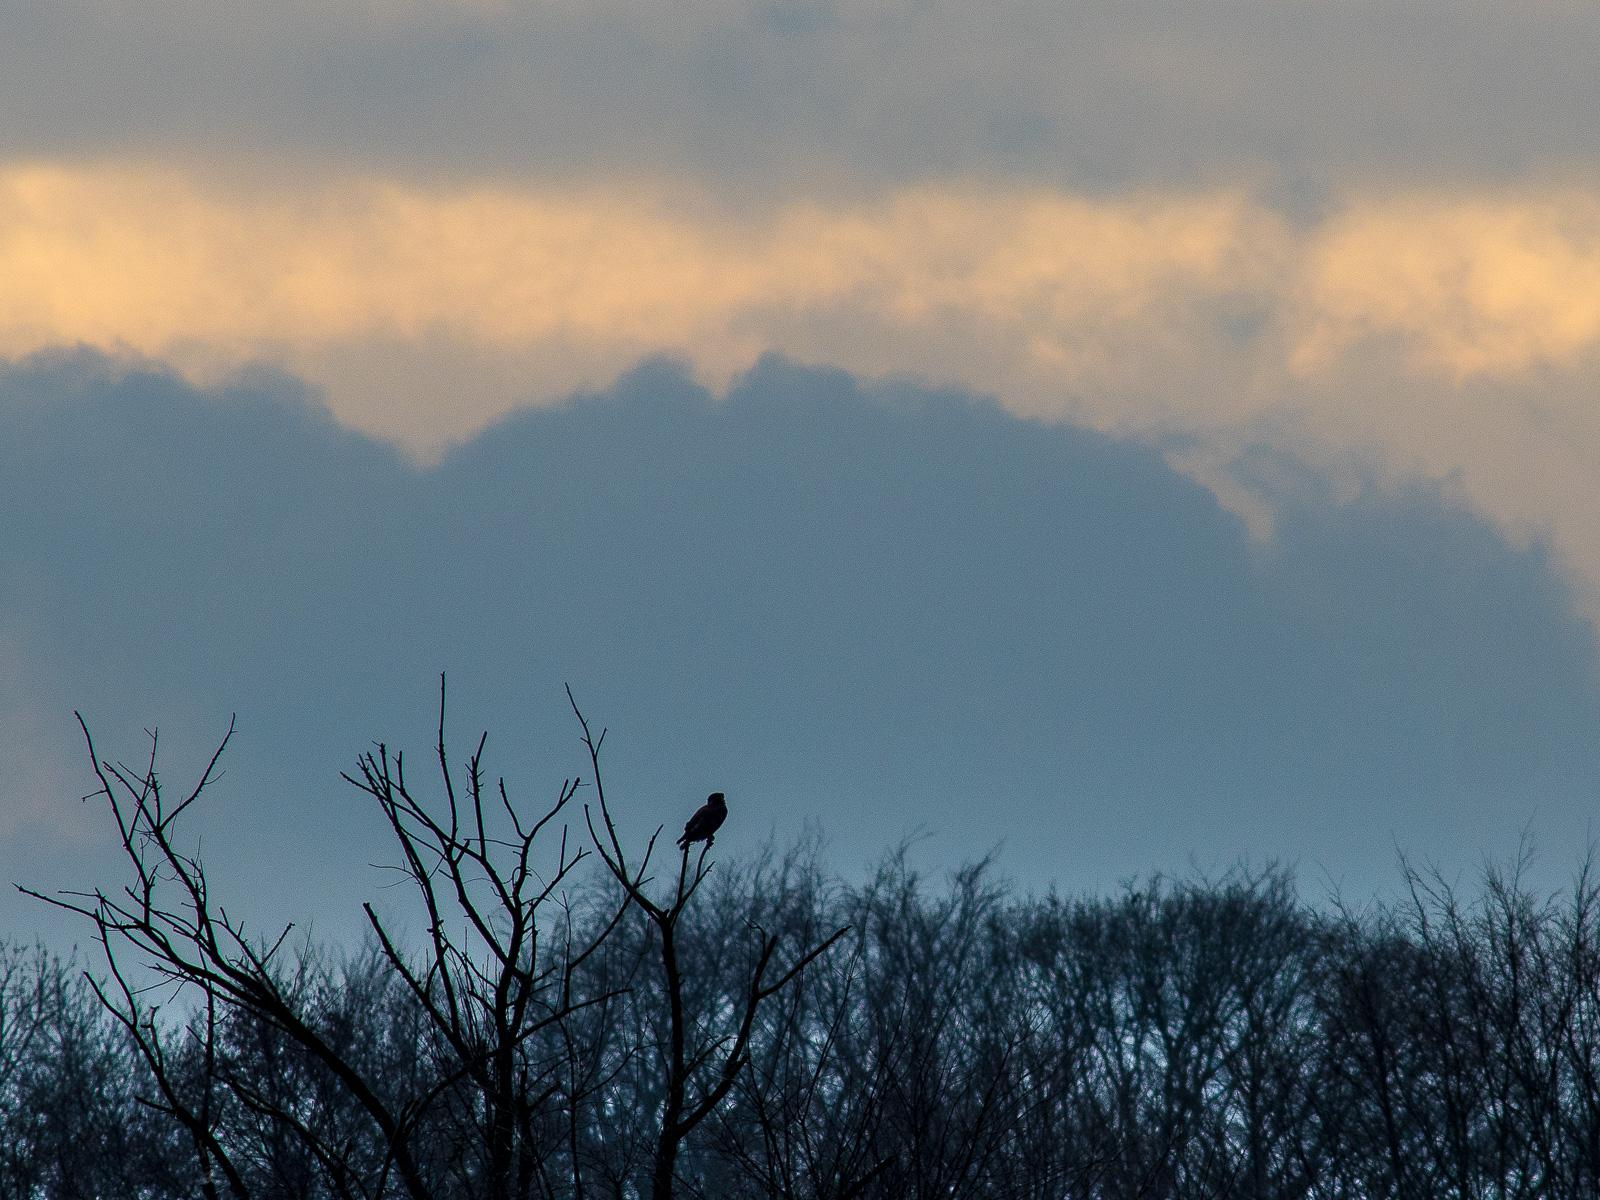 EIn Habicht o.ä. als Silhouette vor Wolkenhimmel